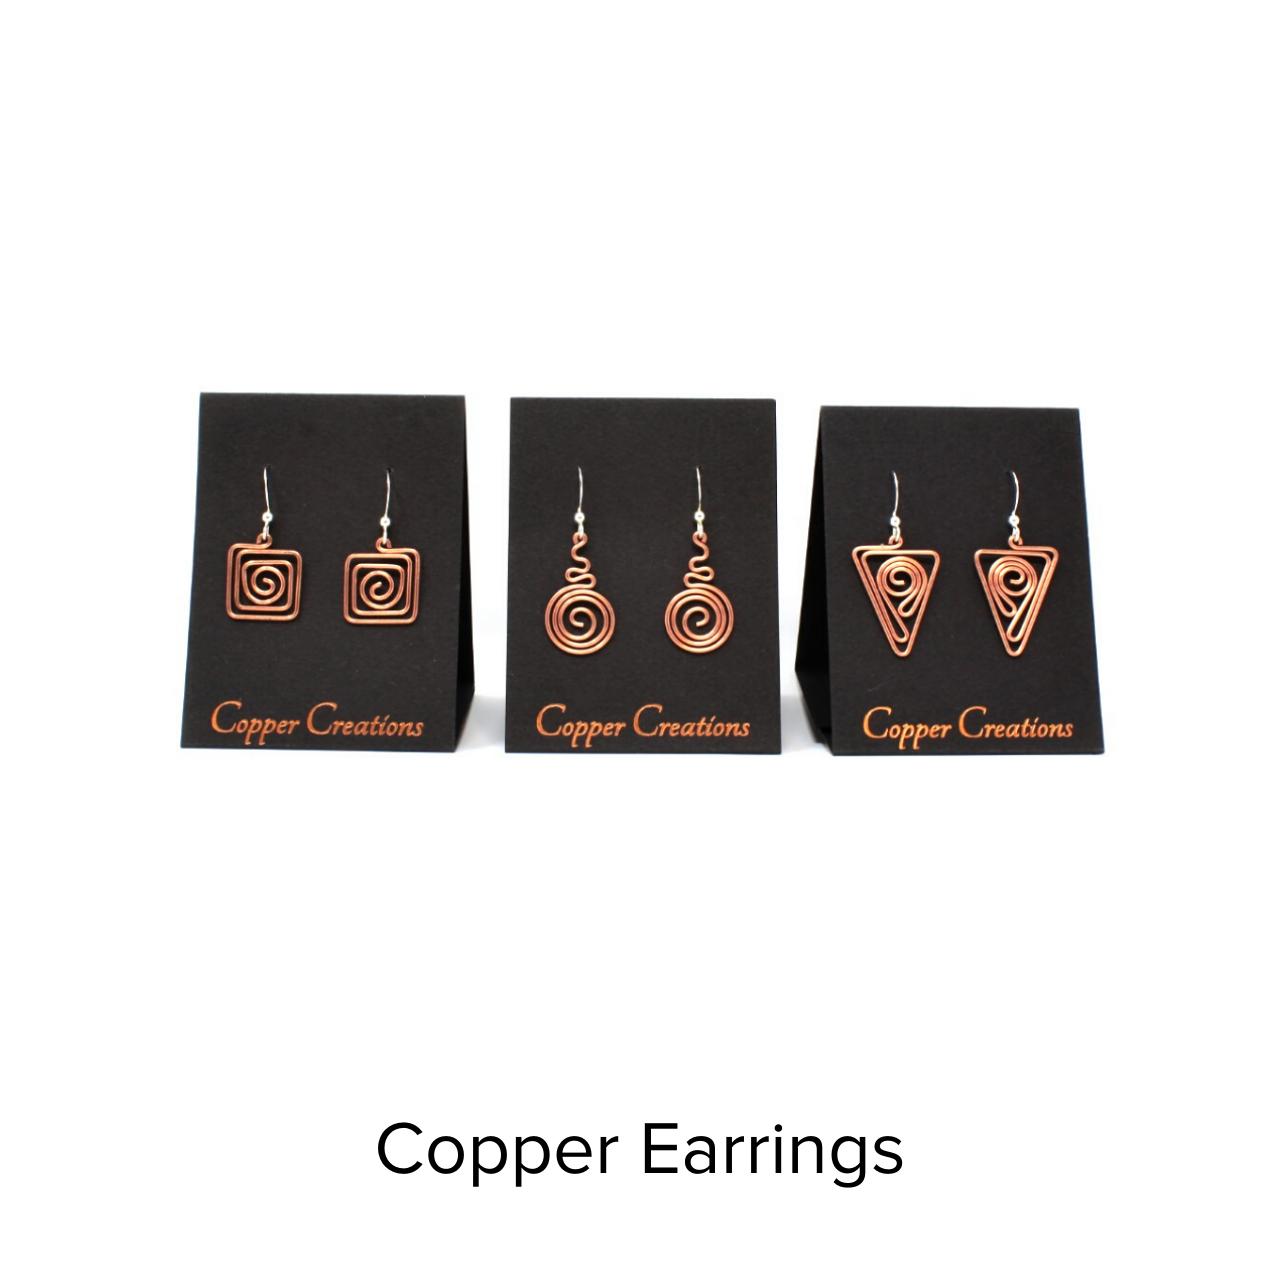 Copper Creations Copper Earrings